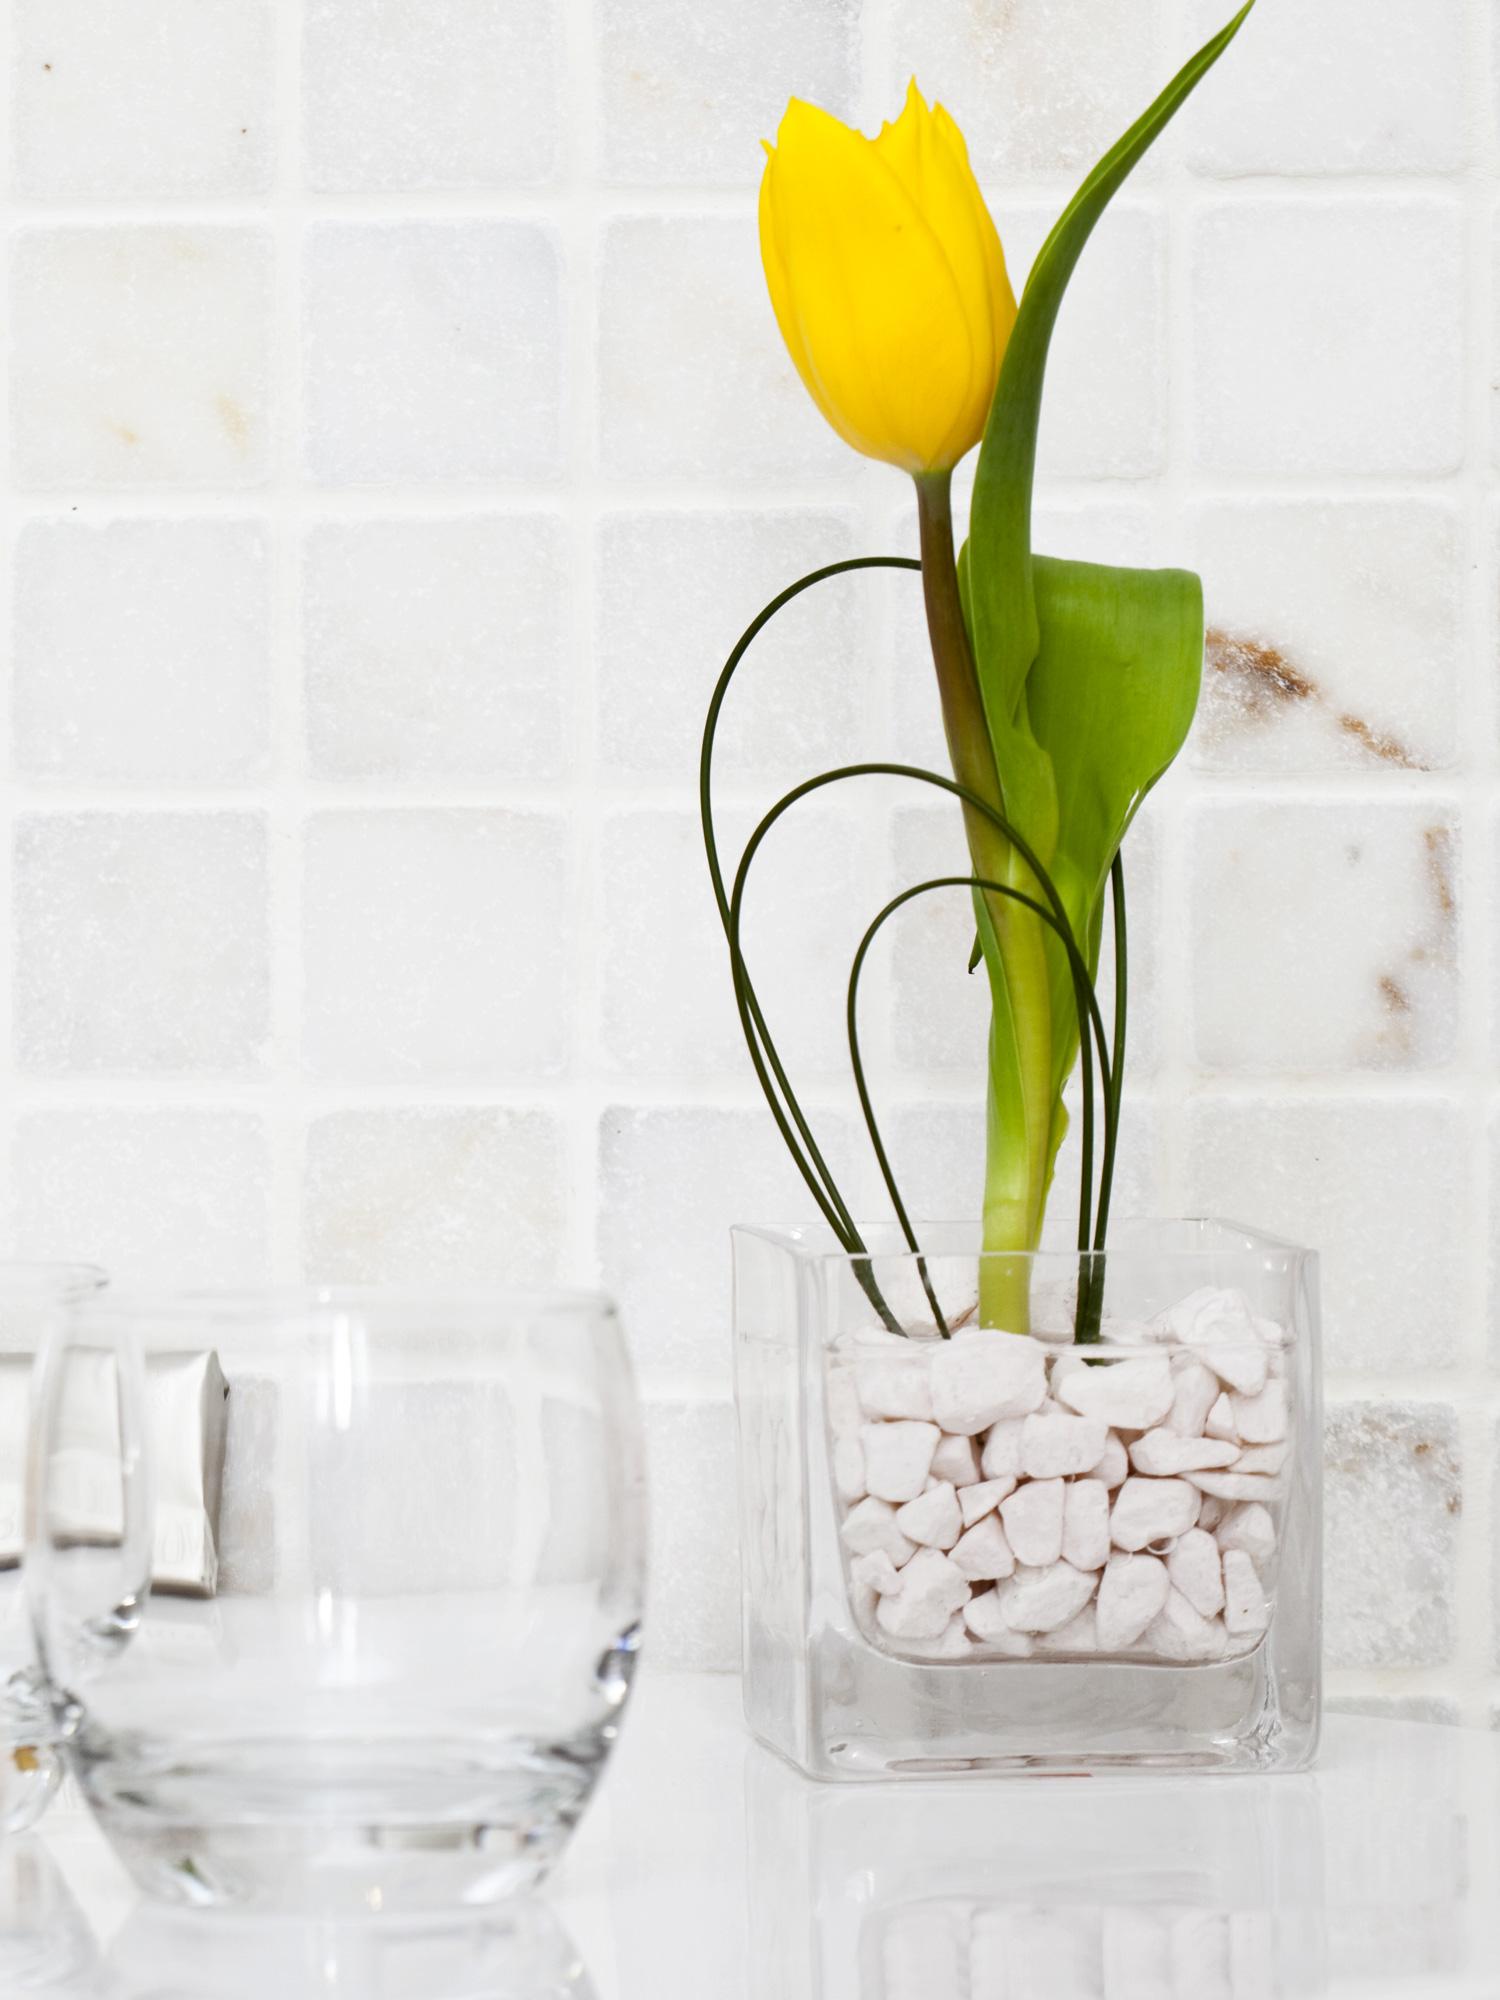 Piante Da Appartamento Per Bagno.Piante Da Bagno Come Sceglierle In Base All Esigenza Ideagroup Blog